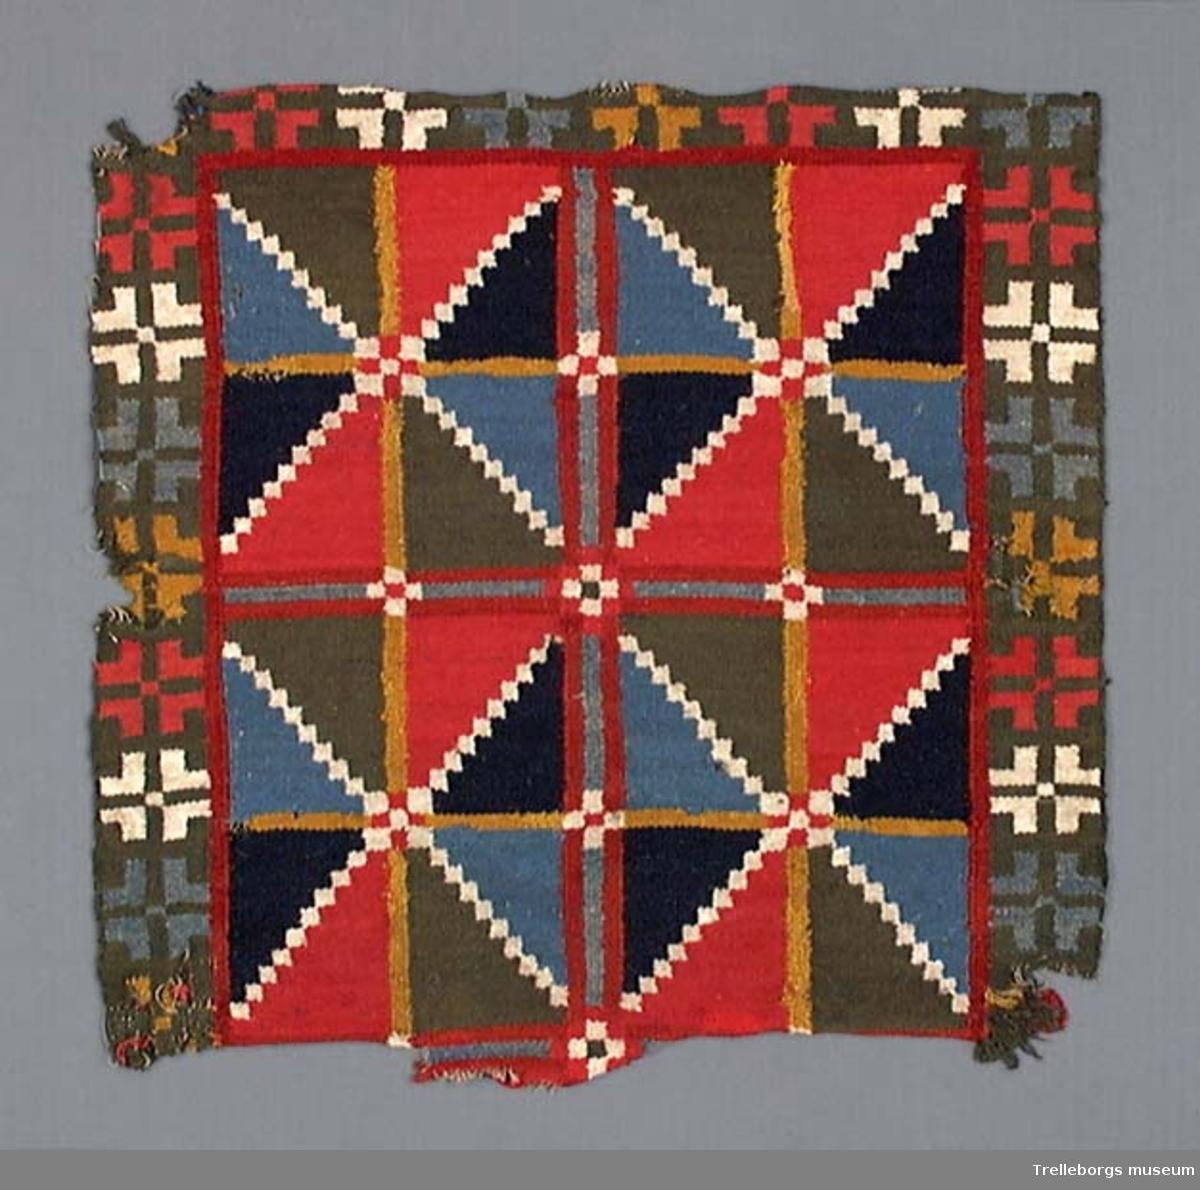 Stolajynne, röllakan, röd, blå, vit, m.fl. färger. Vävd i Klörup i slutet av 1700-talet. Vävnaden består av 4 stora rutor, vardera indelade i 8 fält, gula linjer horisontalt och vertikalt, samt rutor i vitt diagonalt. Dessa triangelformade fält är dels blå och gröna, dels ljusröda och mörkblå. Dessa rutor förekommer i vävnader från Luggude härad liksom de klara färgerna. De förekommer också i Vemmenhögs hd. men då har den blå färgen kommit in som i denna vävnad.Denna typ av ruta som utvecklades till stjärna förekommer endast på äldre vävnader och försvann under 1800-talet. På denna vävnad bildar de huvudmönster, vanligare är att de är utfyllnad. Bården utmed 3 sidor har grönt som bottenfärg och i denna små vinklade stjärnor i ljusblått, vitt, skärt, gult. De förekommer i NV Skåne och södra Halland.